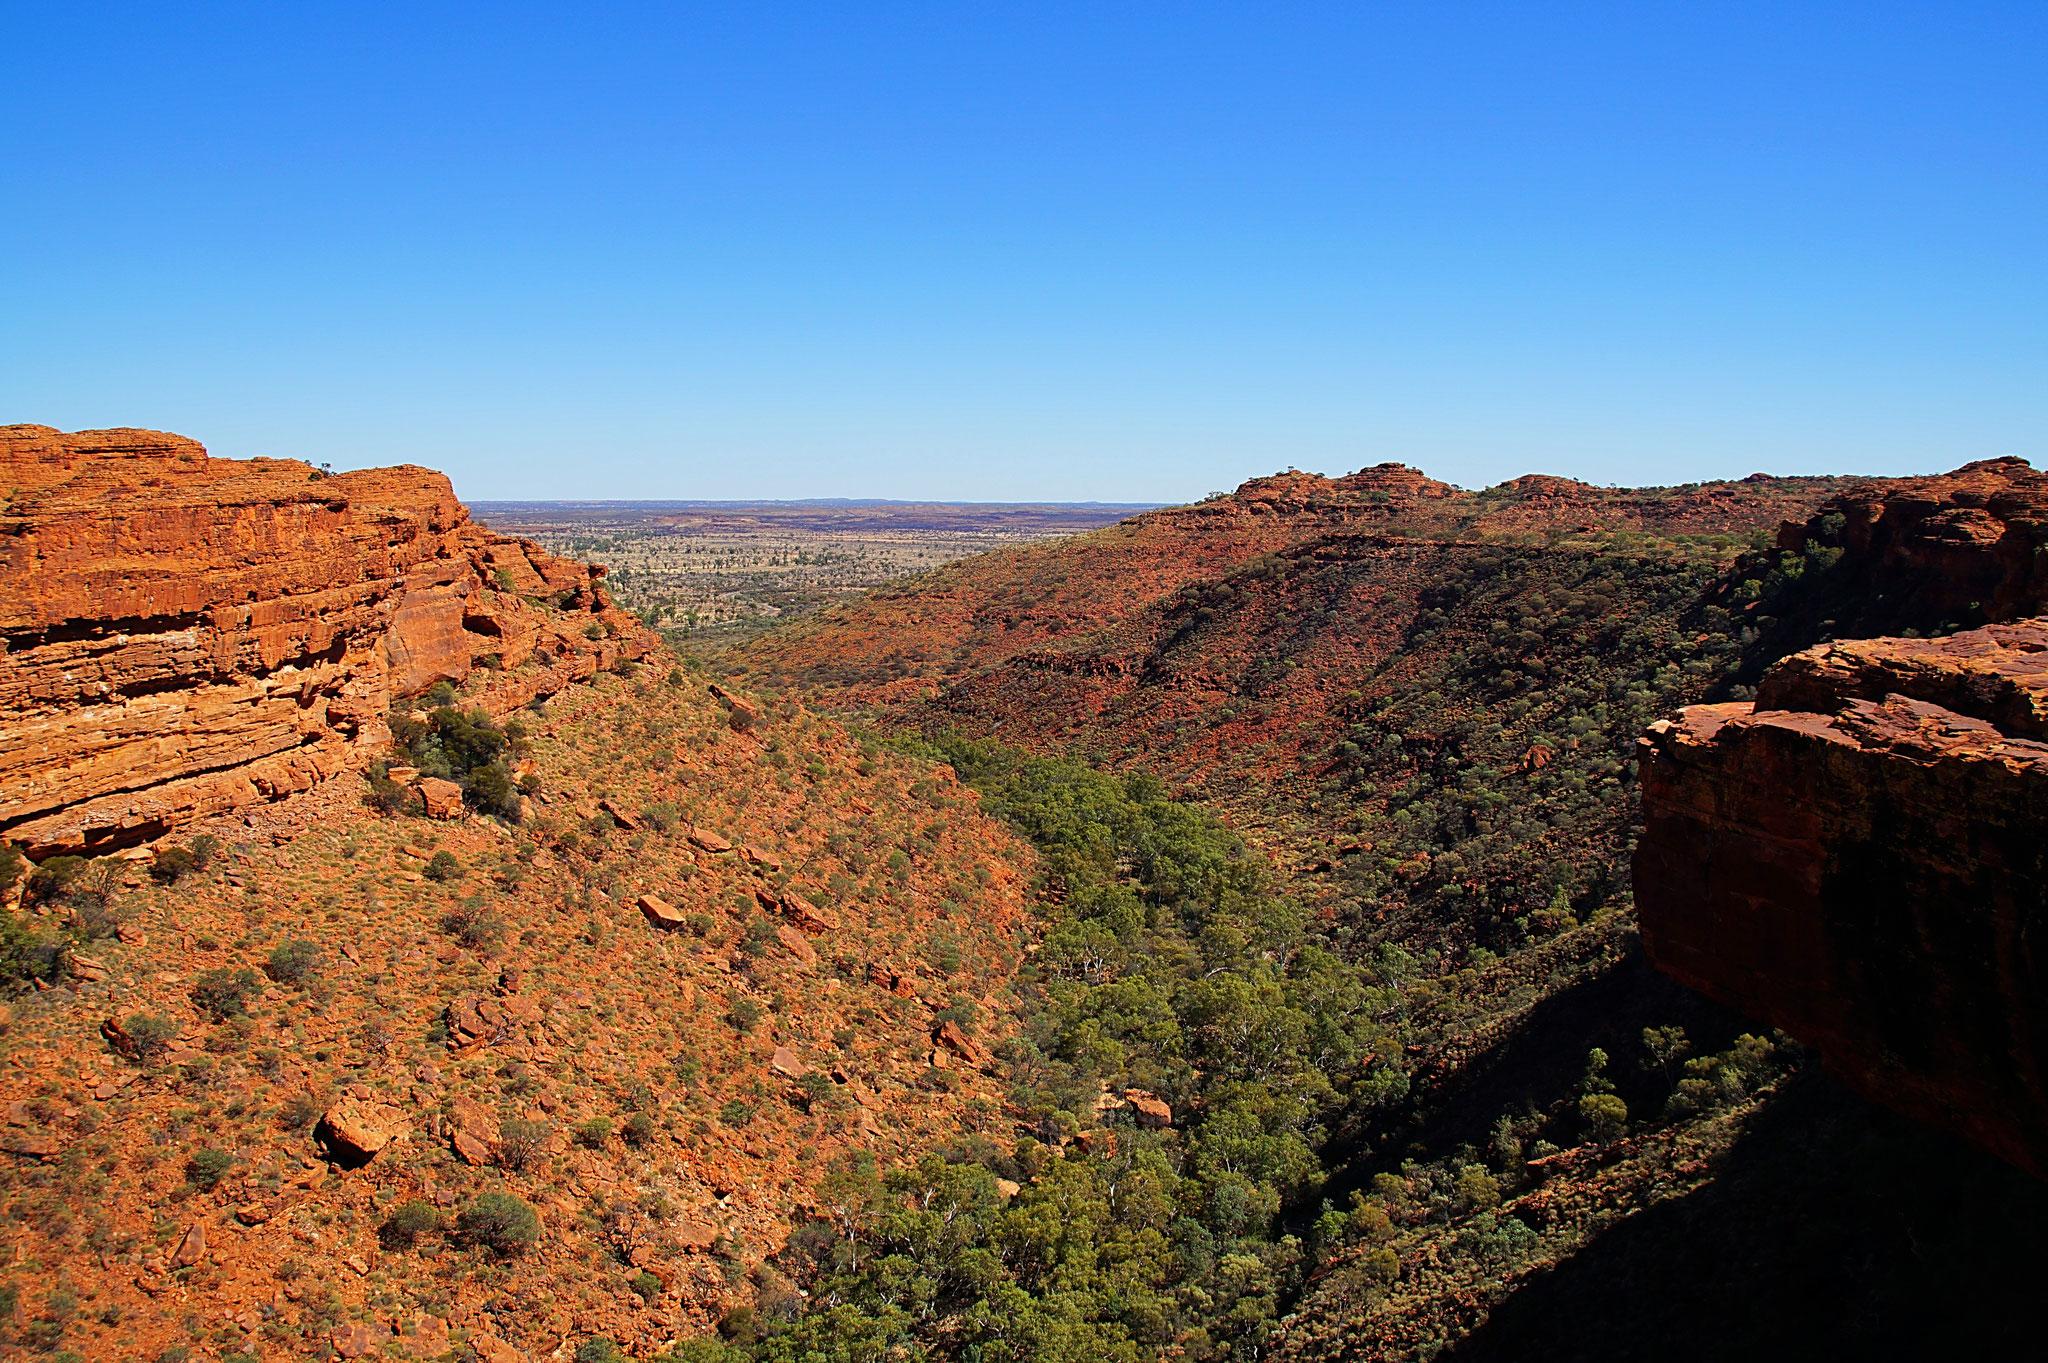 TOP 3 – Rim Walk auf dem Kings Canyon. Vierstündige Wanderung mit spektakulären Ausblicken und Abstieg in den Garden of Eden.